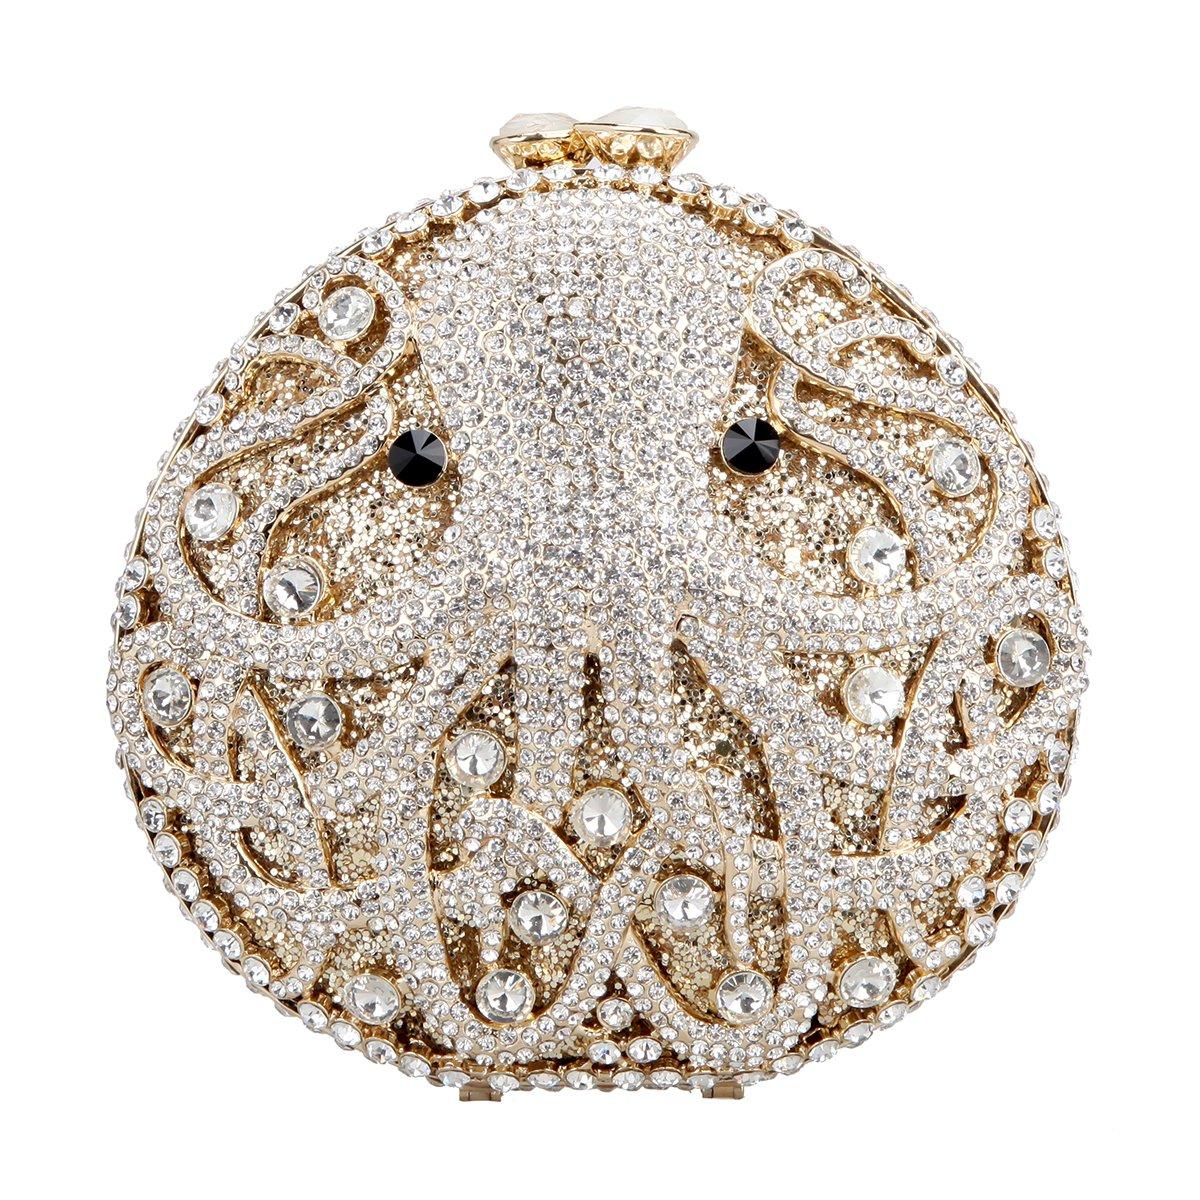 Fawziya Octopus Evening Clutch Purses For Women Rhinestone Crystal Clutch Bag-Gold